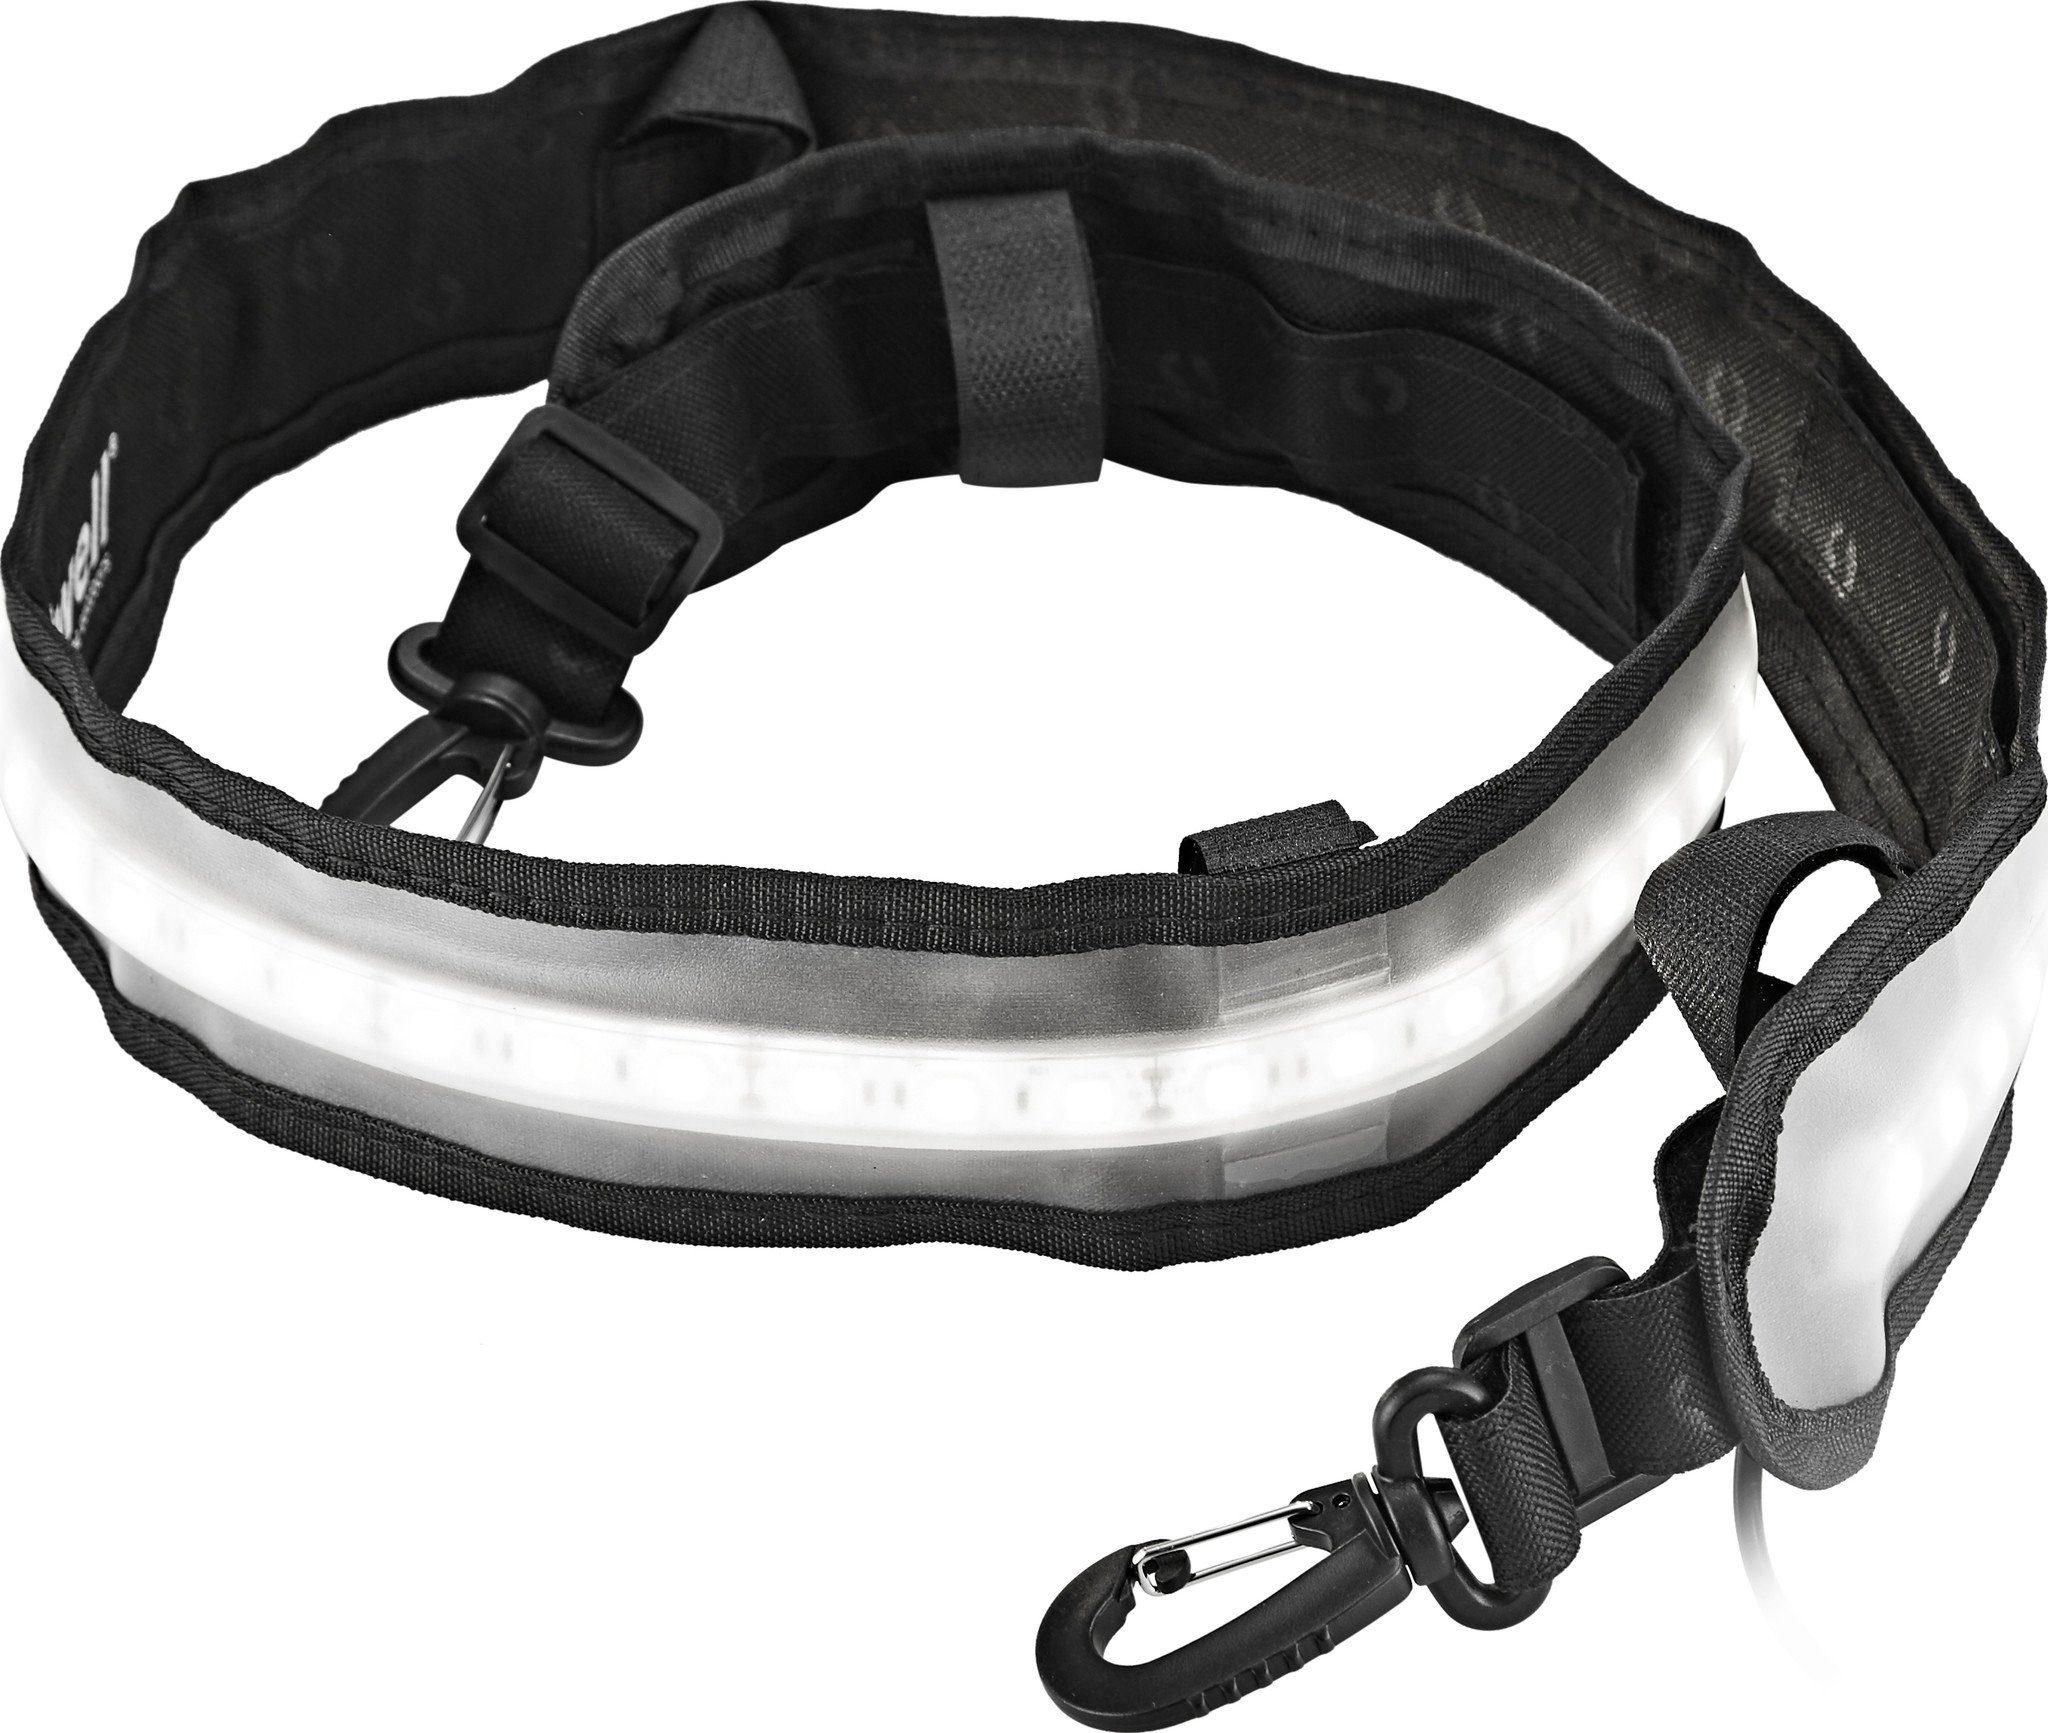 Outwell Camping-Beleuchtung »Corvus 1200 Light Belt«